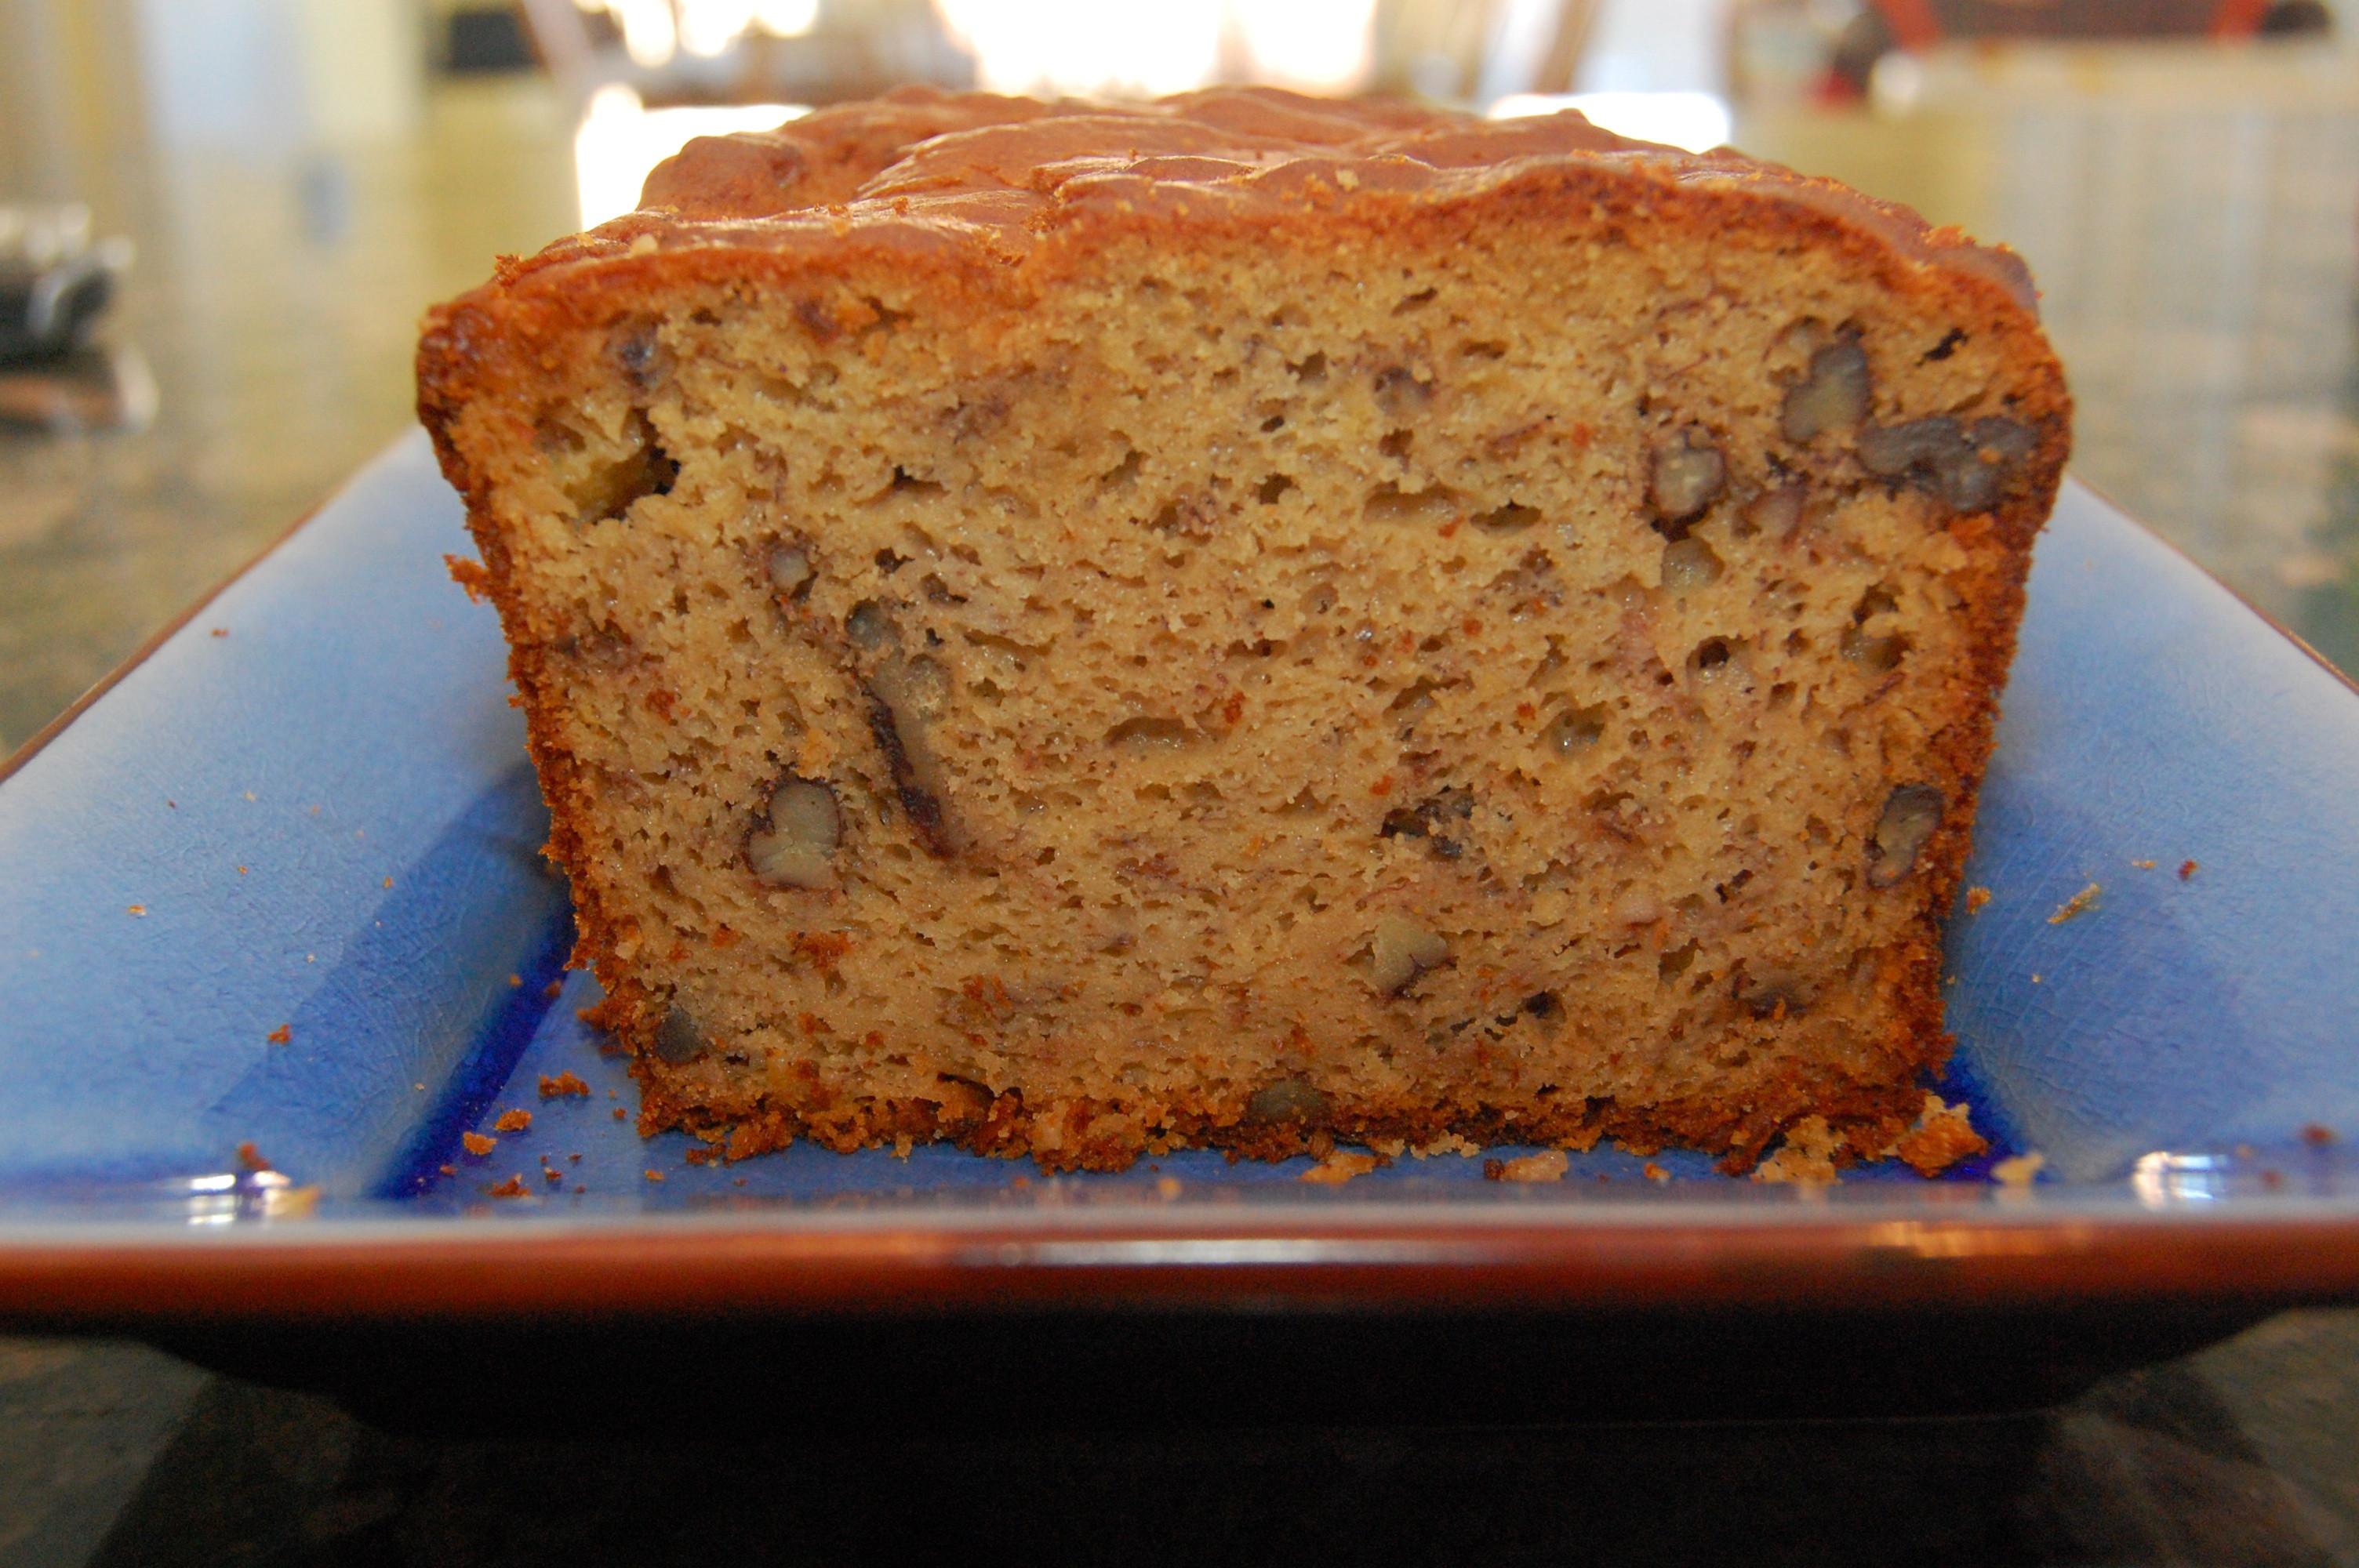 Buttermilk Bread Recipe  Buttermilk Banana Bread Recipe — Dishmaps